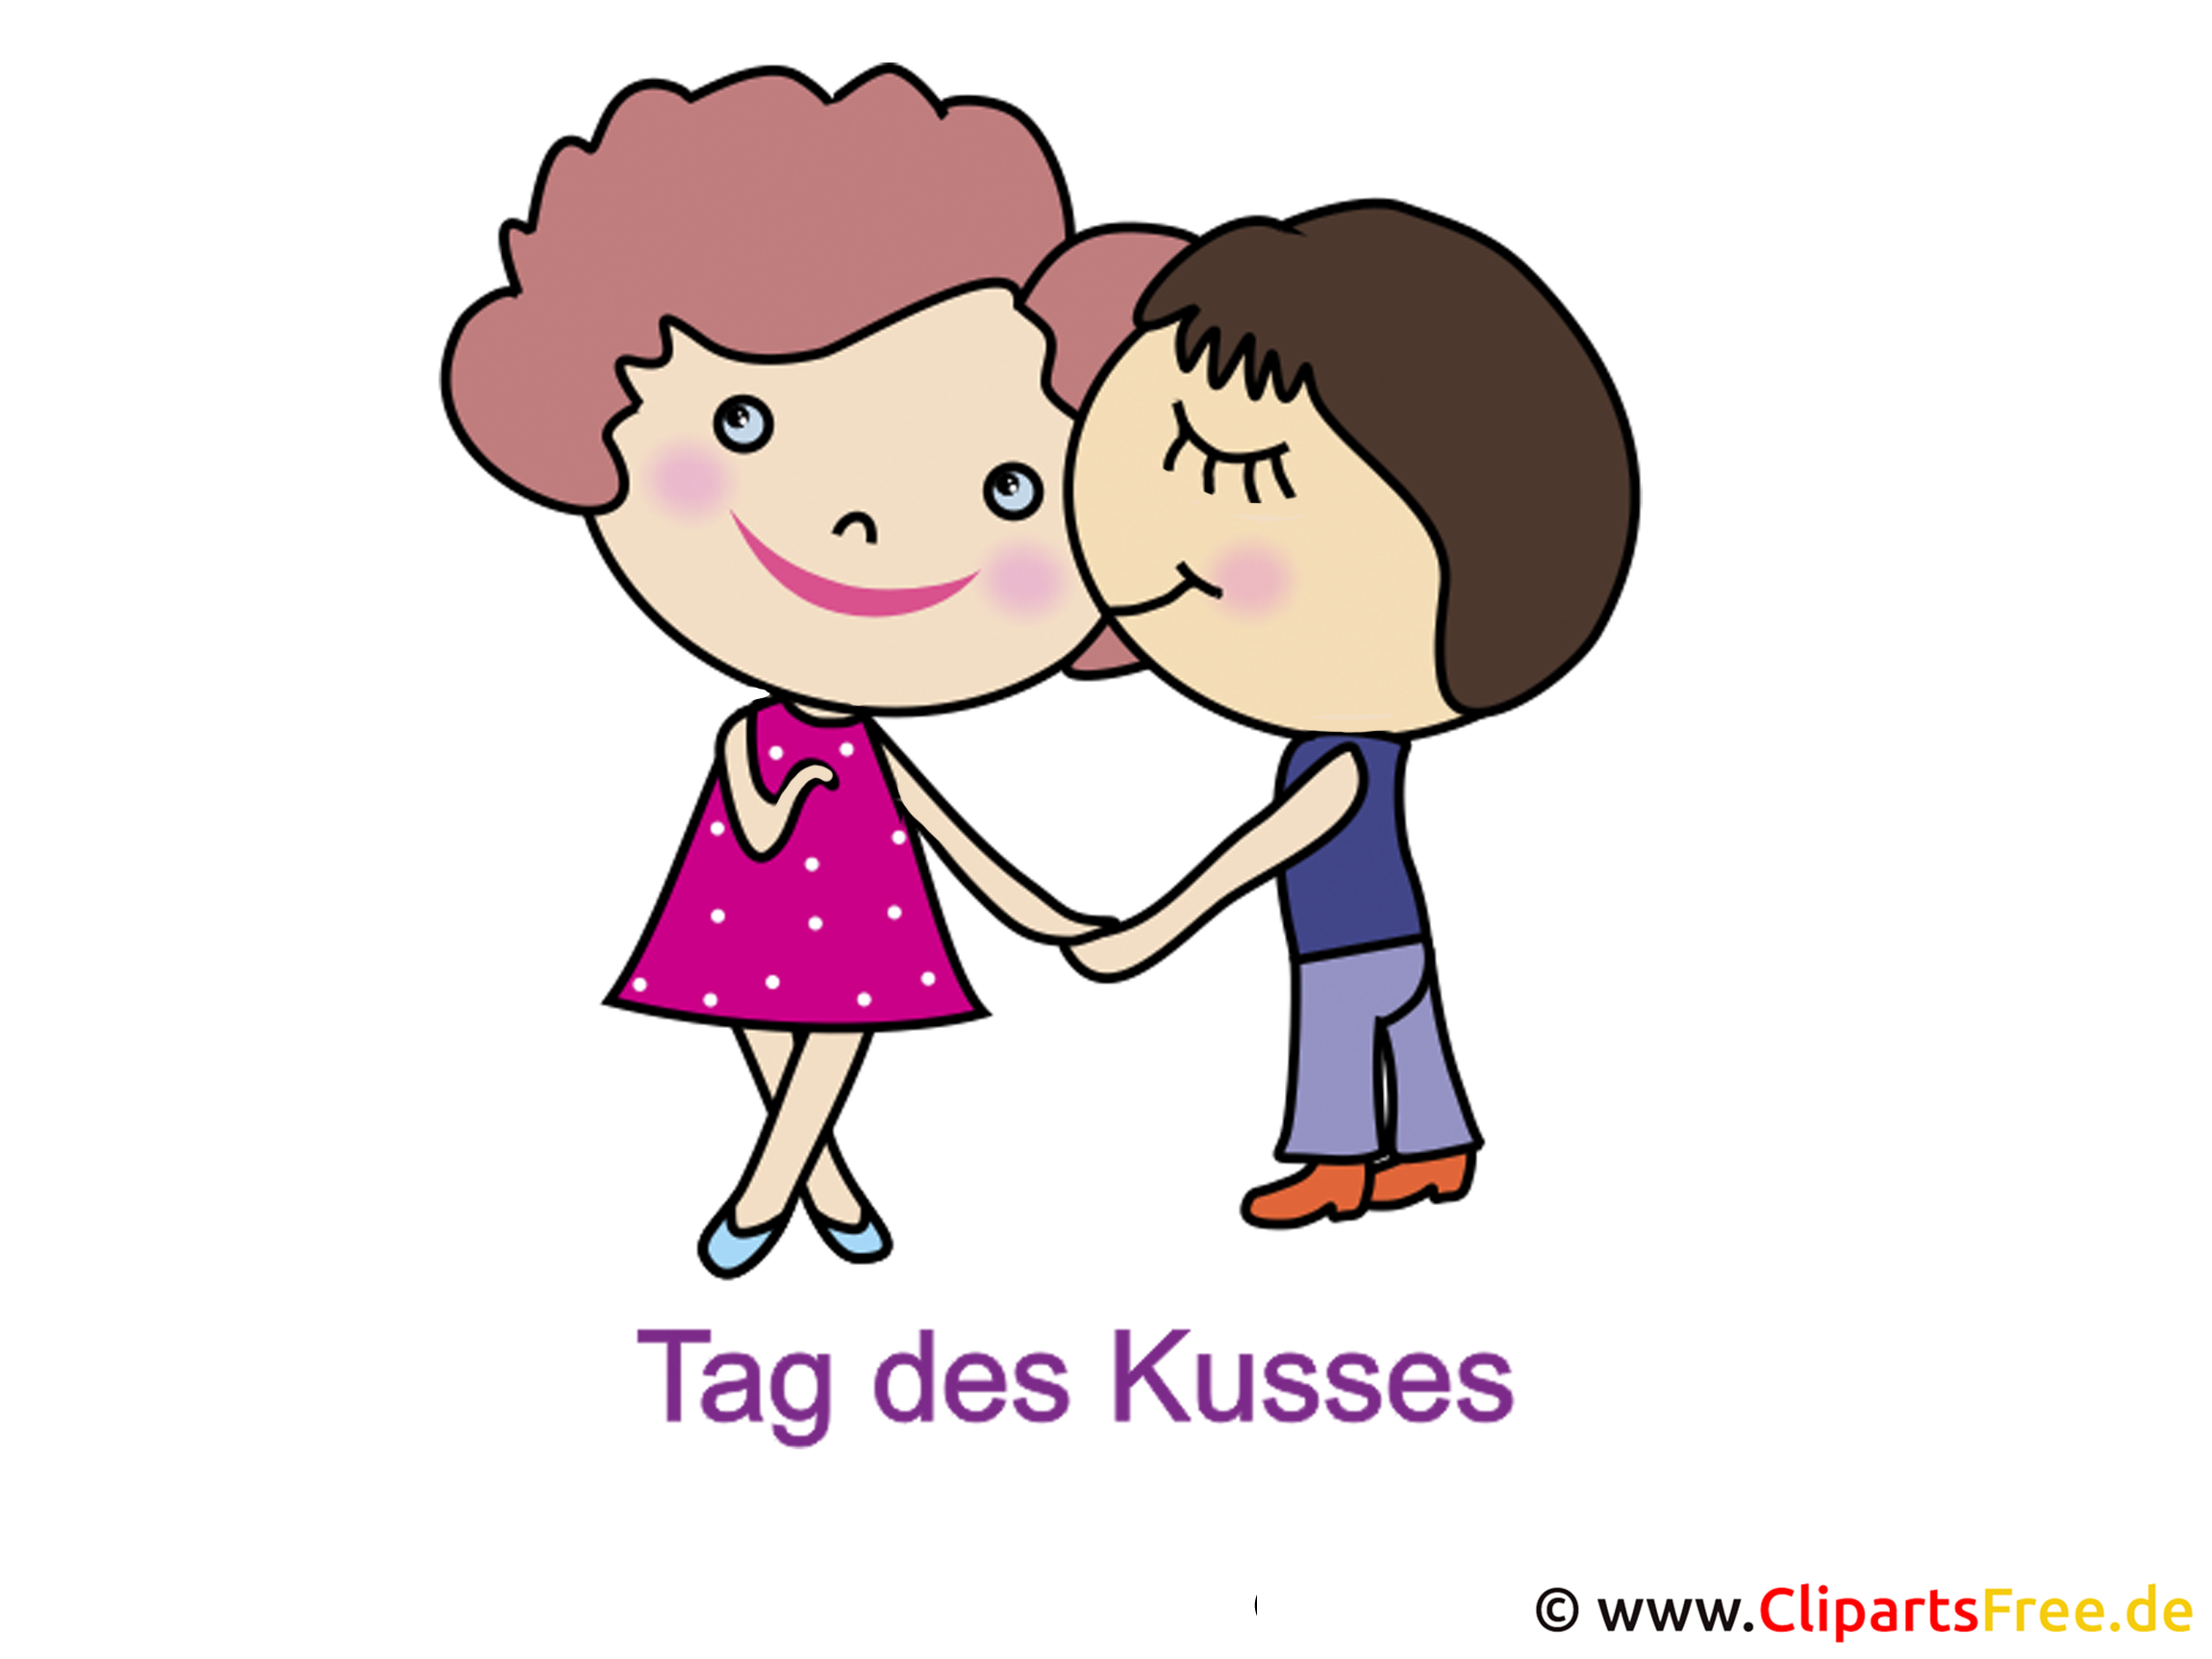 Welt Kuss Tag